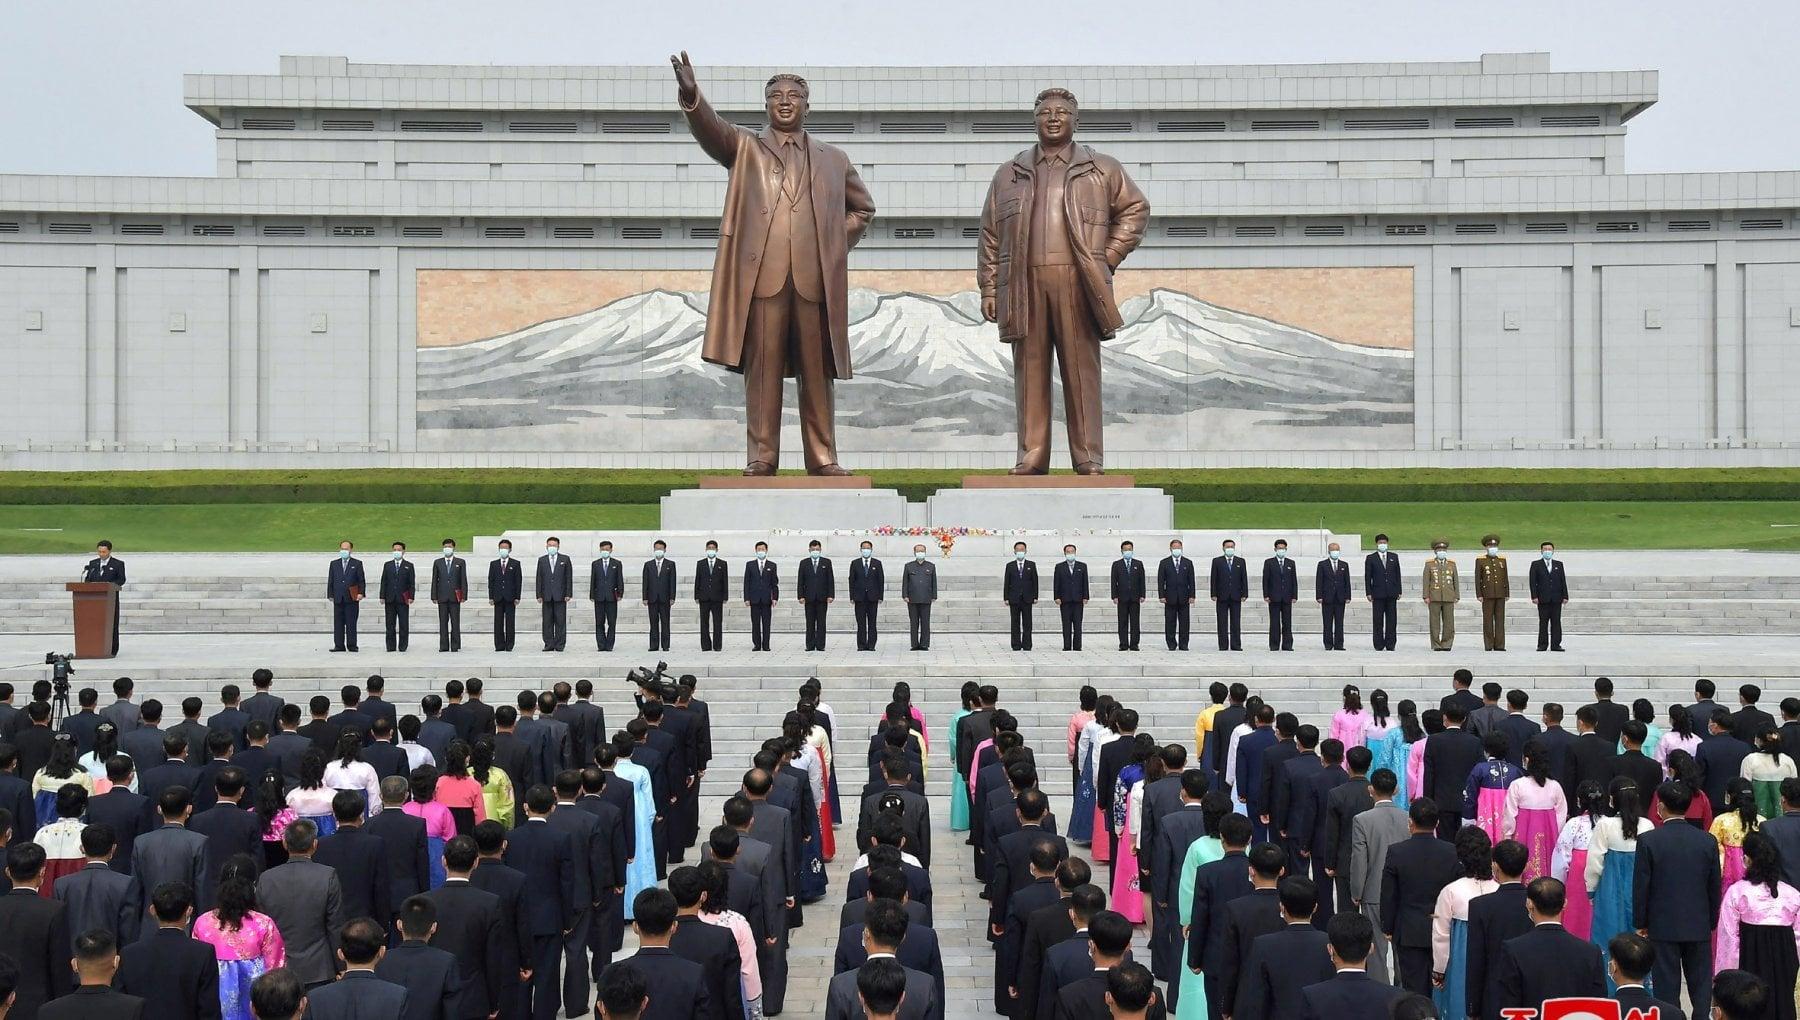 095419897 2127ccf5 00c2 4279 aa94 246f3eb4779a - Corea del Nord, Kim Jong-un vieta jeans e film stranieri, pena i campi di lavoro e la morte